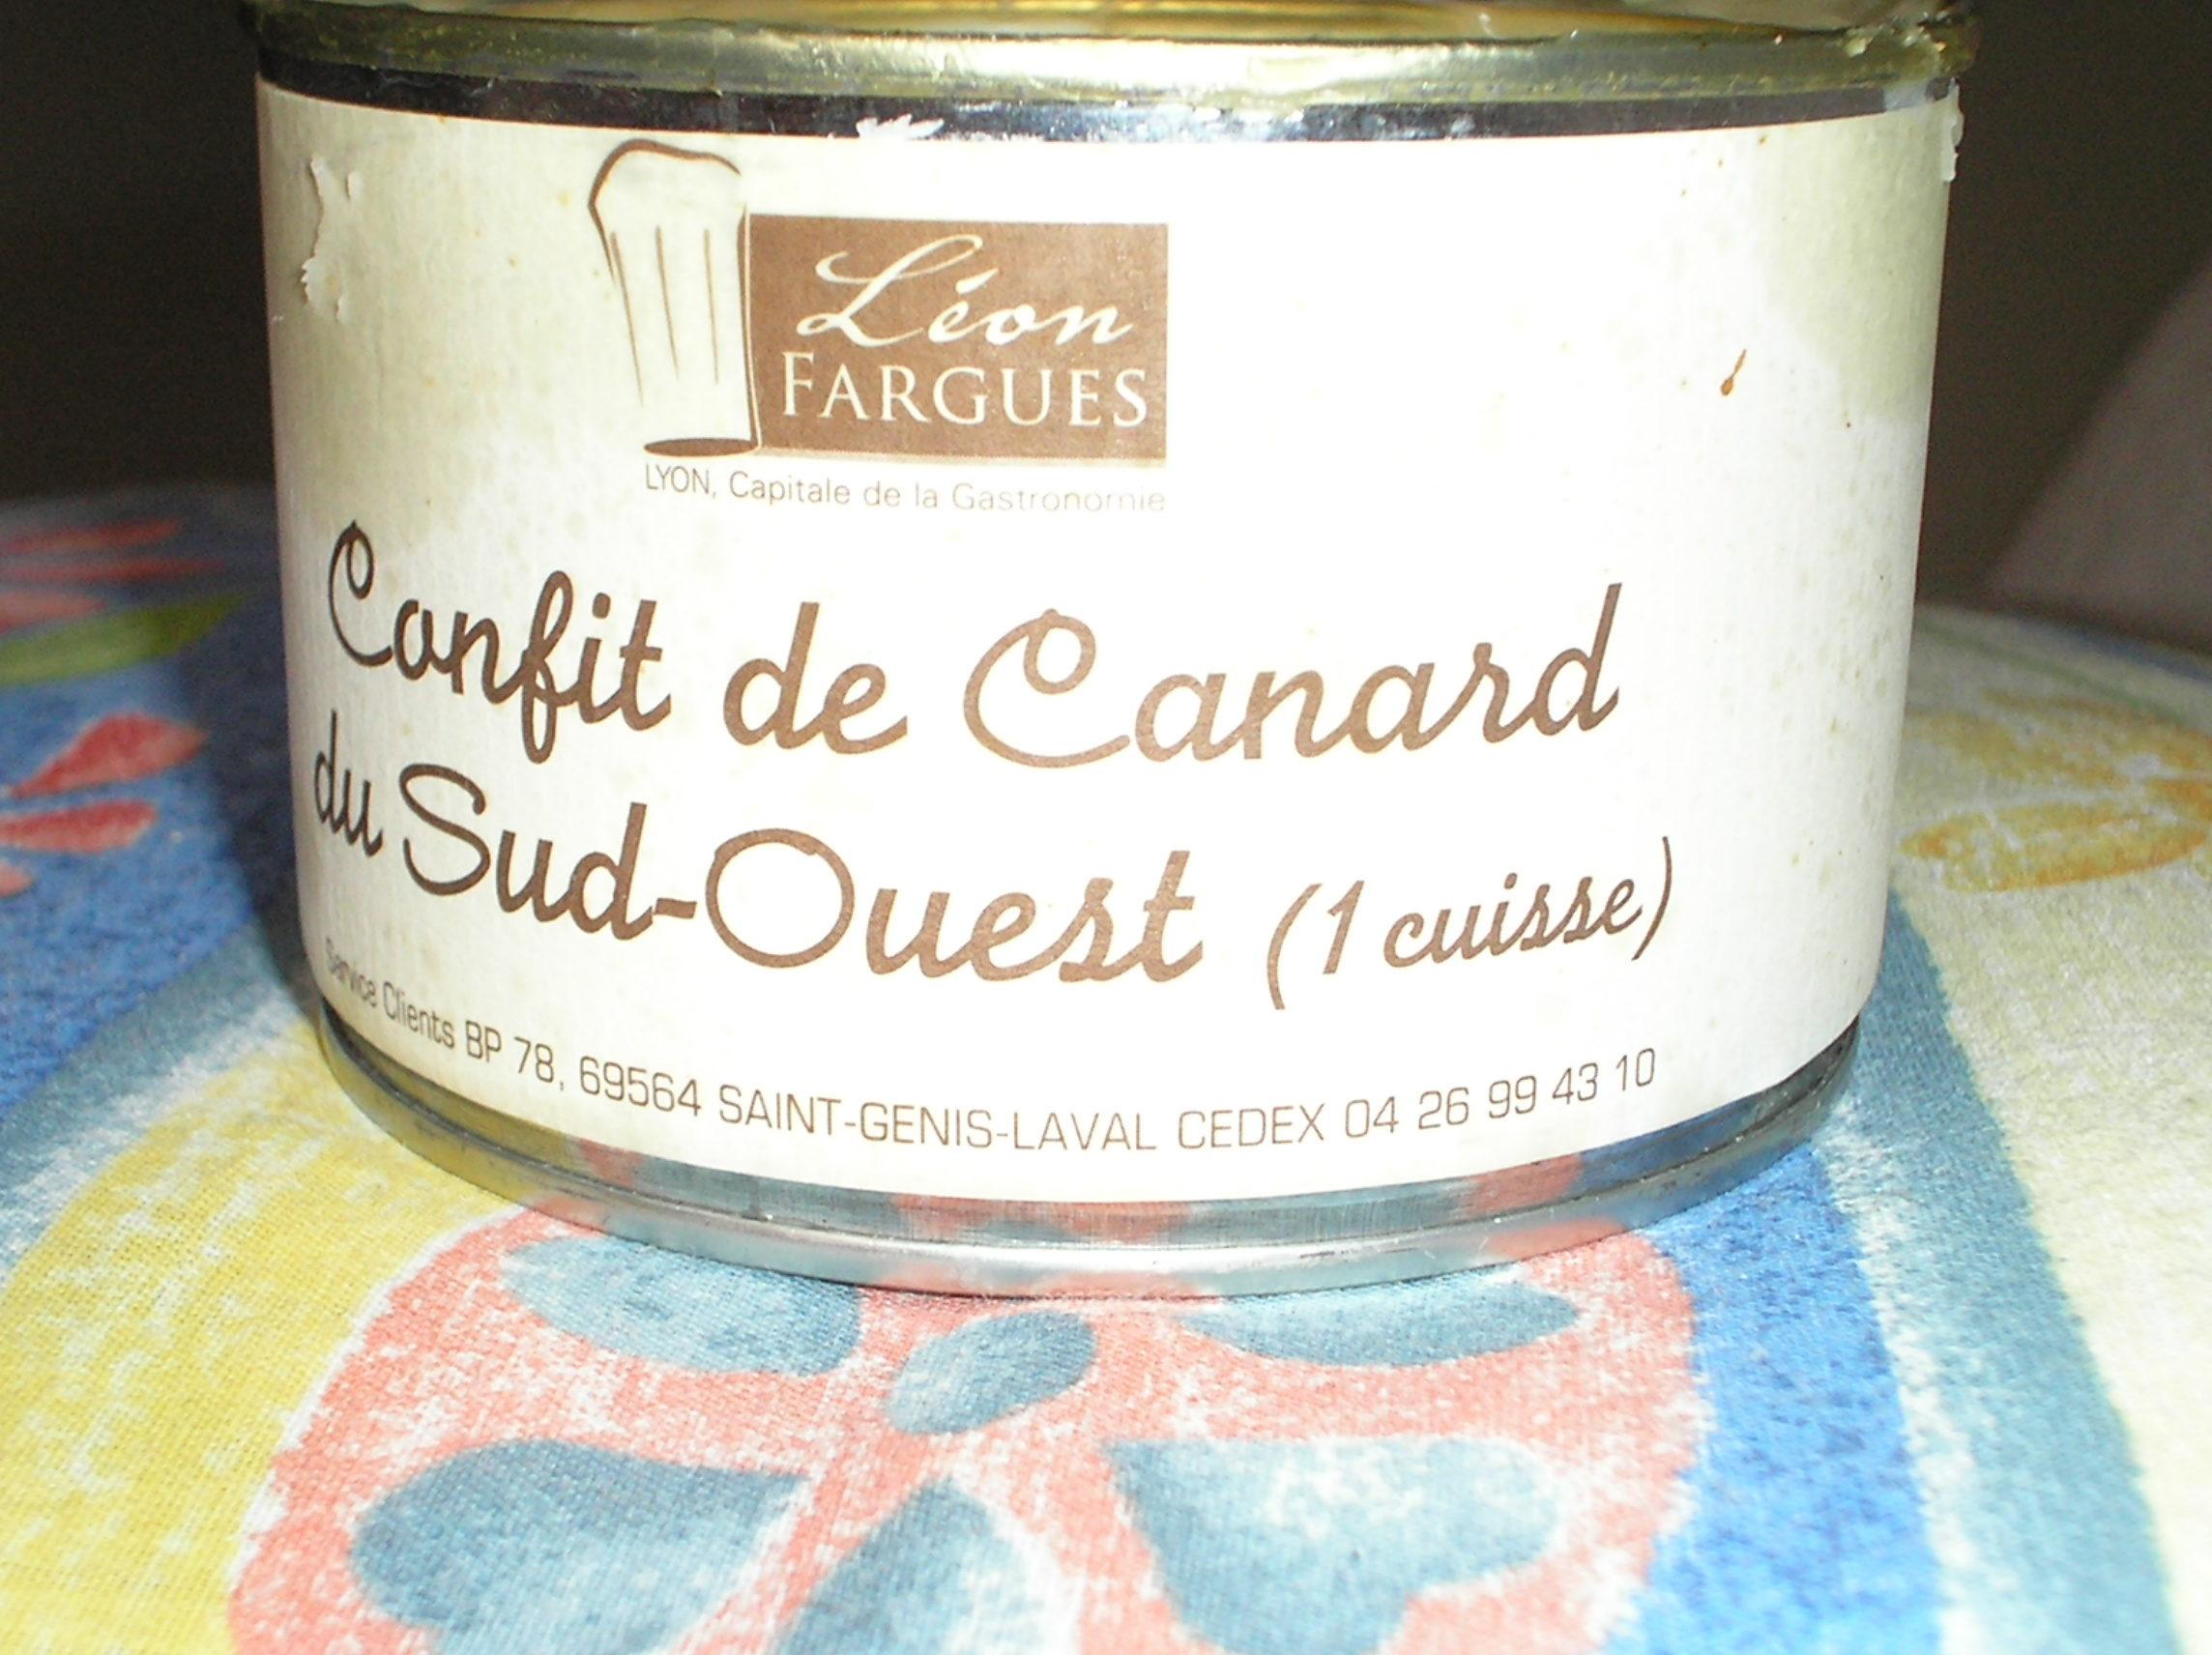 Confit de Canard su Sud-Ouest - Product